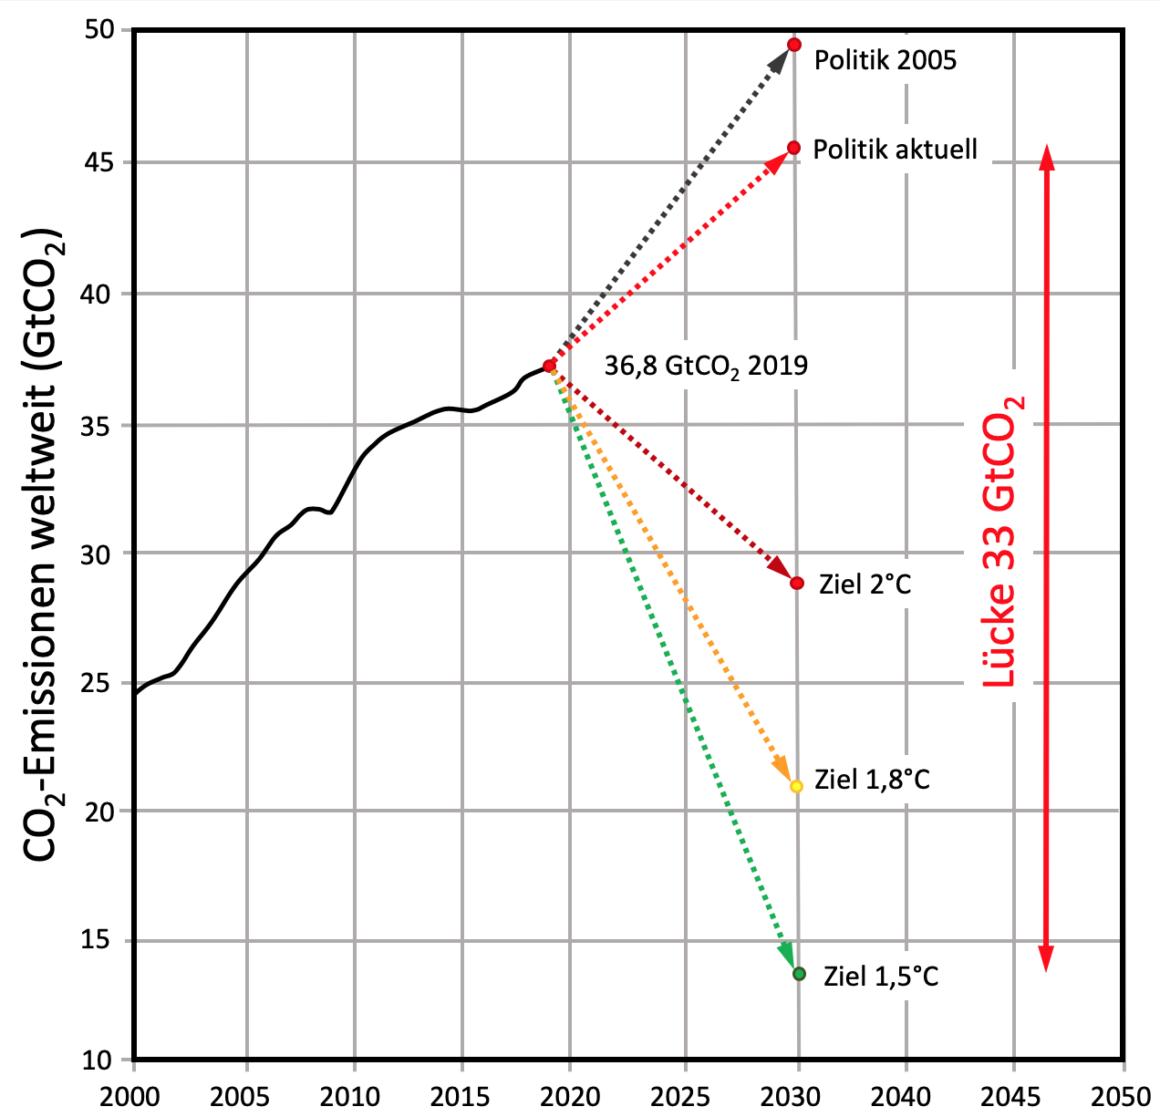 Das Diagramm stellt die CO2 Emissionen der Welt seit 2000 dar. 2020 emittierte die Menschheit 36,8 Gigatonnen CO2. Wird die derzeitige Politik weiter verfolgt, dann werden es 2030 46 Gigatonnen sein. Das Klimaziel entsprechend den 1,5° des Pariser Abkommens im Jahr 2030 sind 13 Gigatonnen jährlich. Damit würde dann eine Lücke von 33 Gigatonnen zwischen Ziel und Realität bestehen.